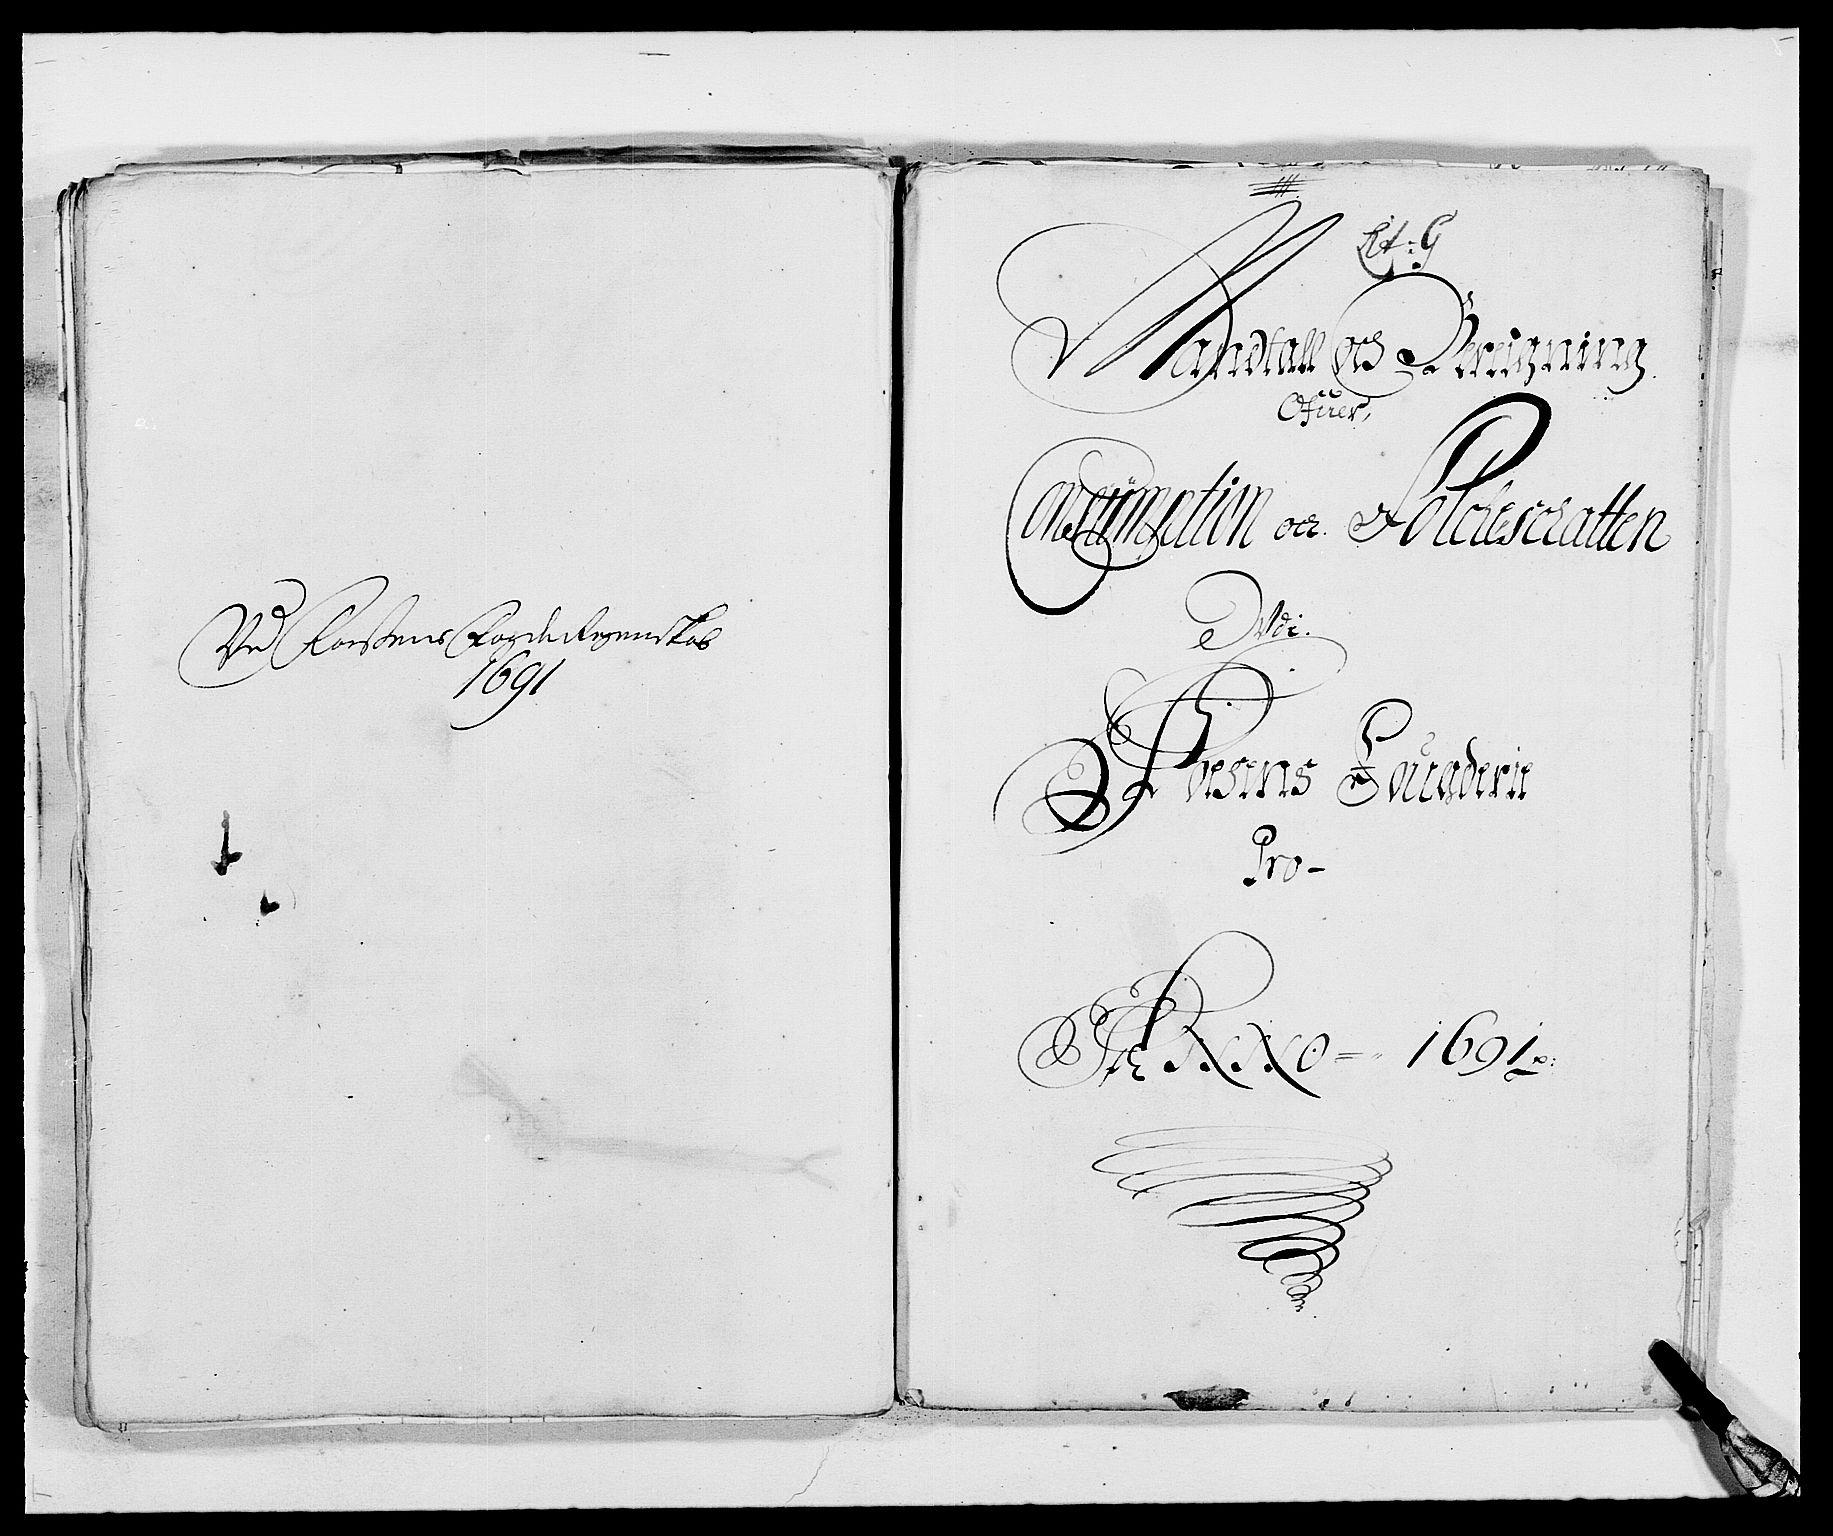 RA, Rentekammeret inntil 1814, Reviderte regnskaper, Fogderegnskap, R57/L3848: Fogderegnskap Fosen, 1690-1691, s. 262